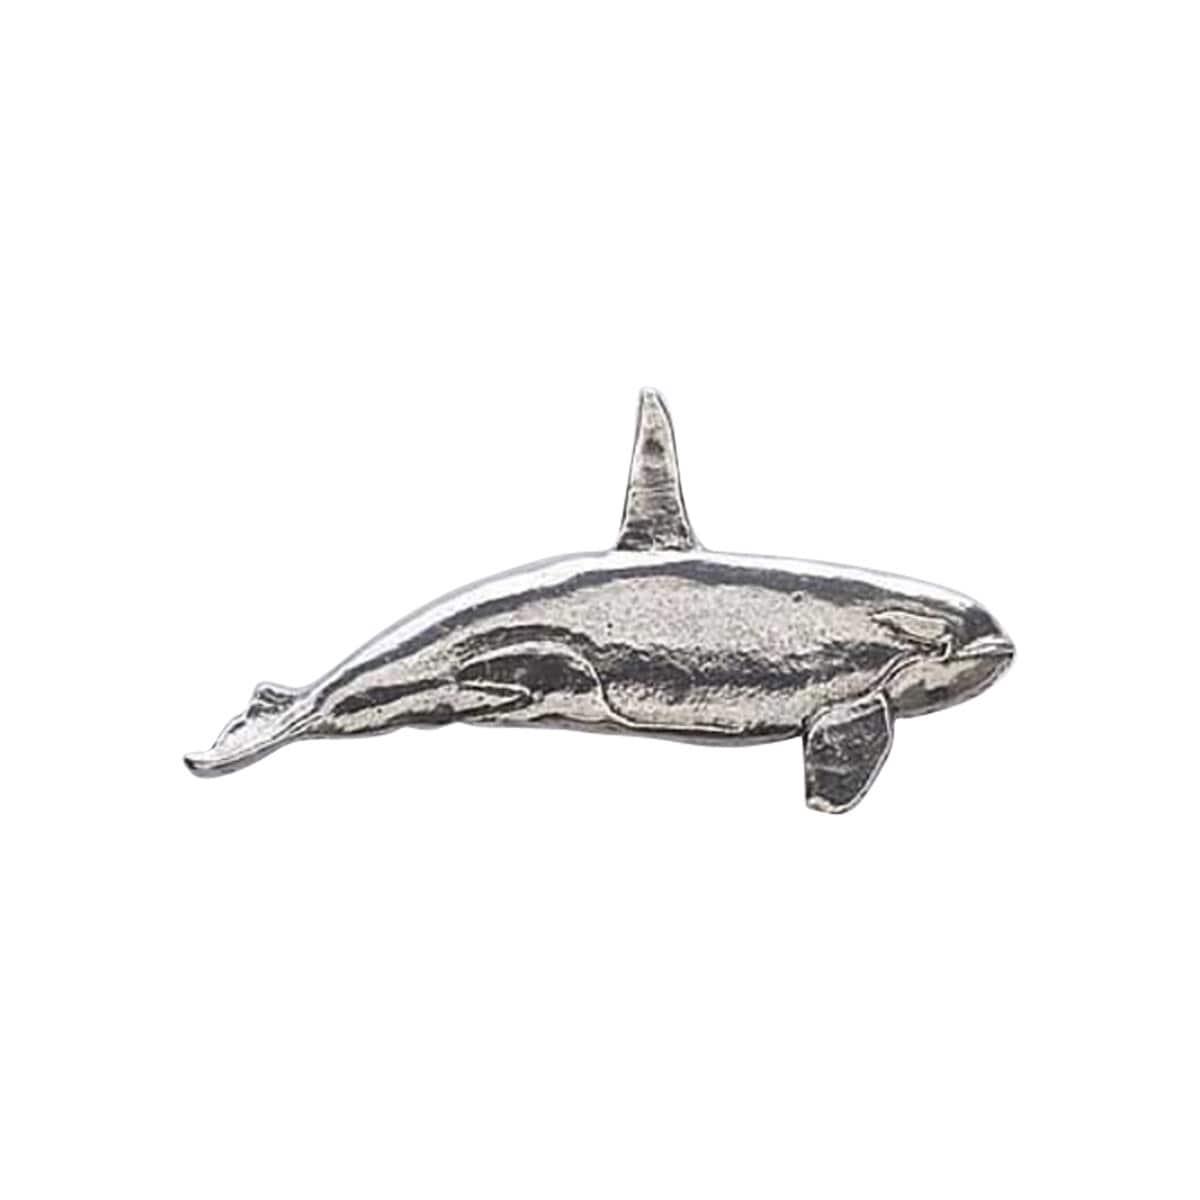 Orca Killer Whale Bull Refrigerator Magnet